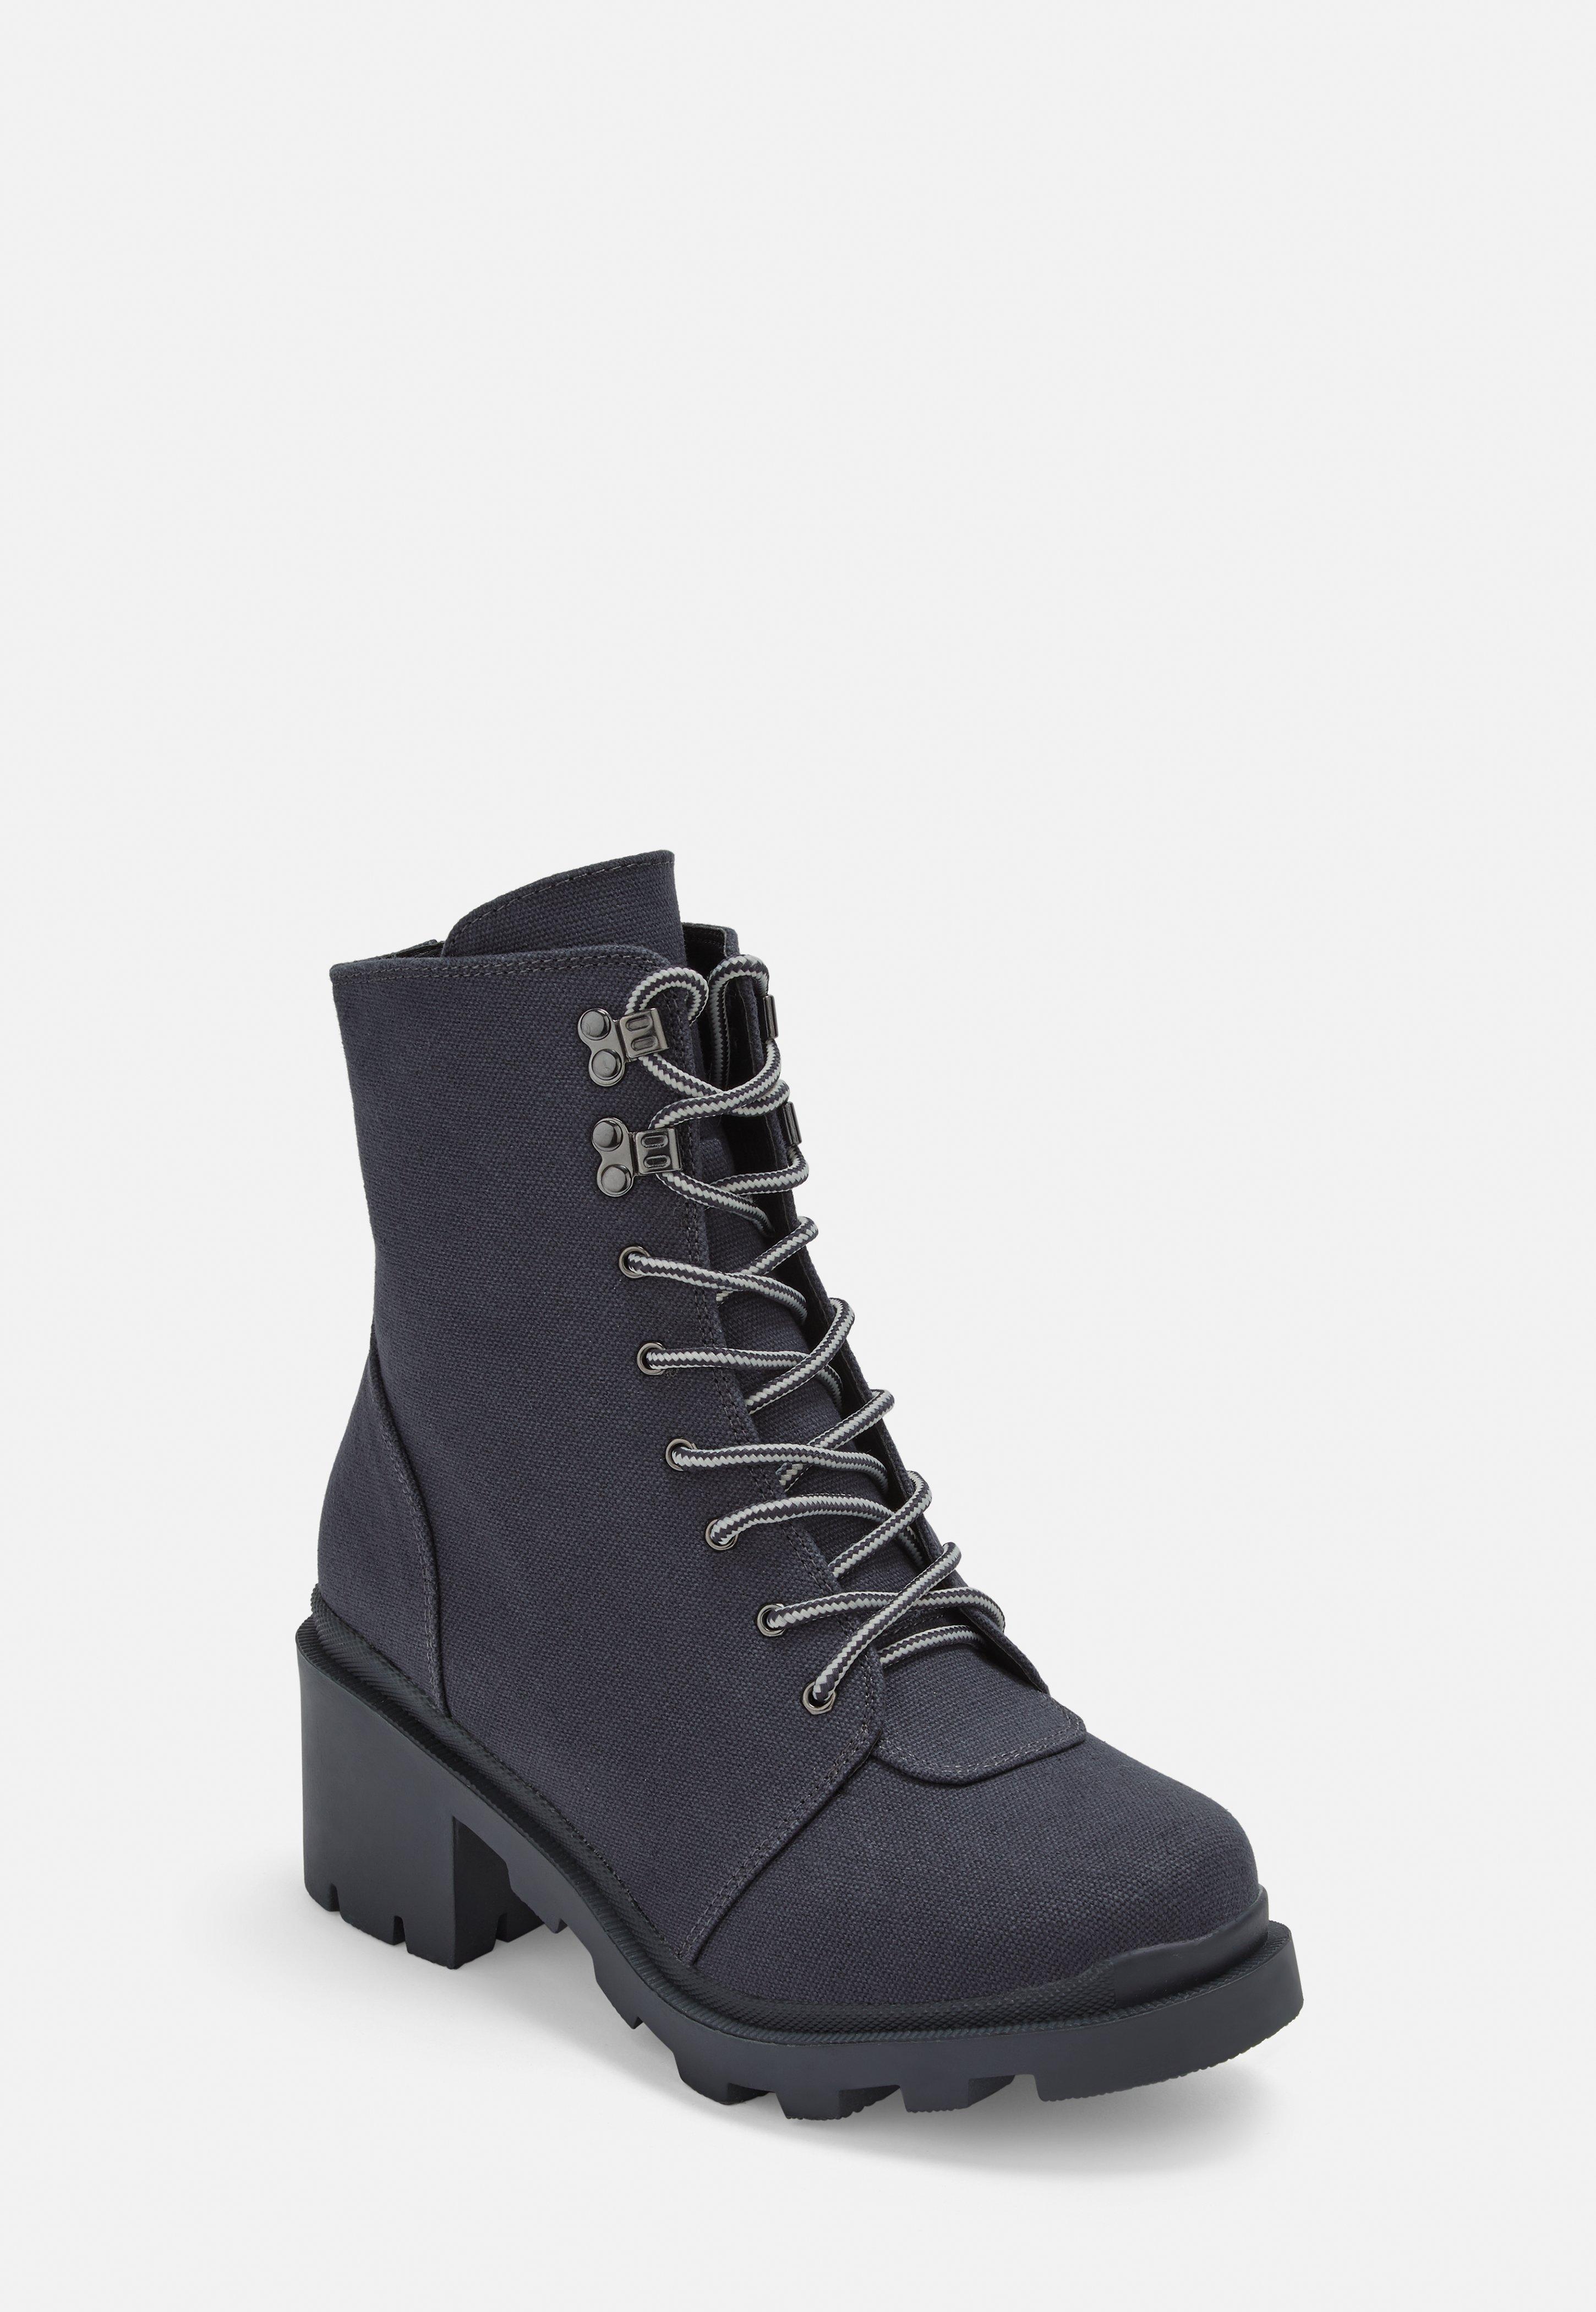 512faa51ebe Women s Boots